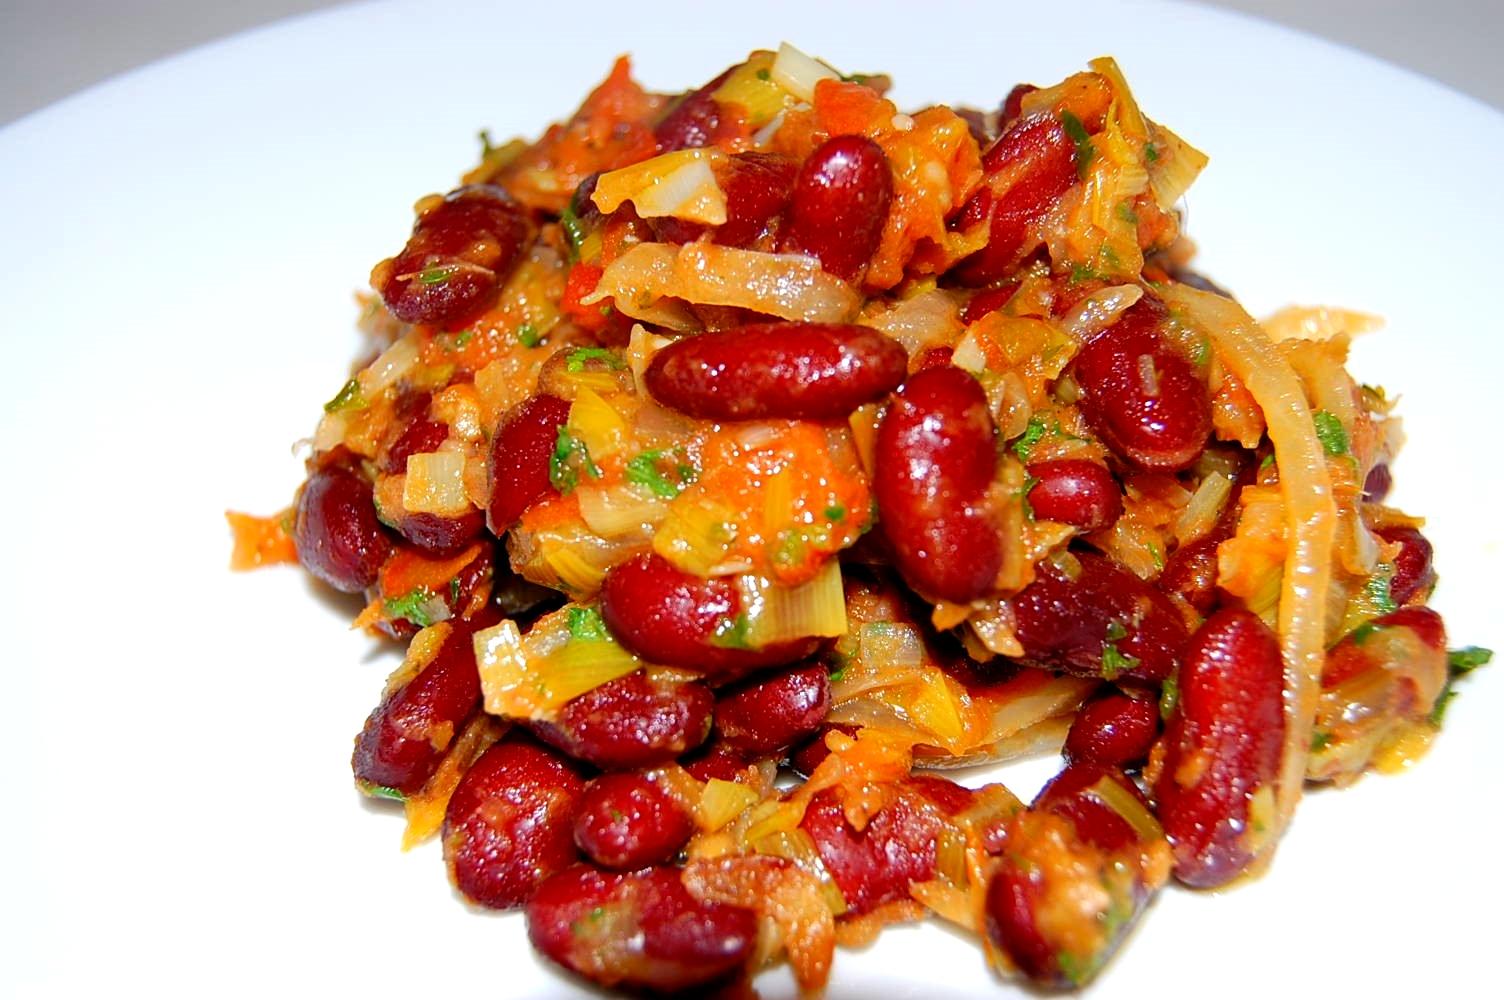 Recette de haricots saut s tchop afrik 39 a cuisine - Cuisine africaine camerounaise ...